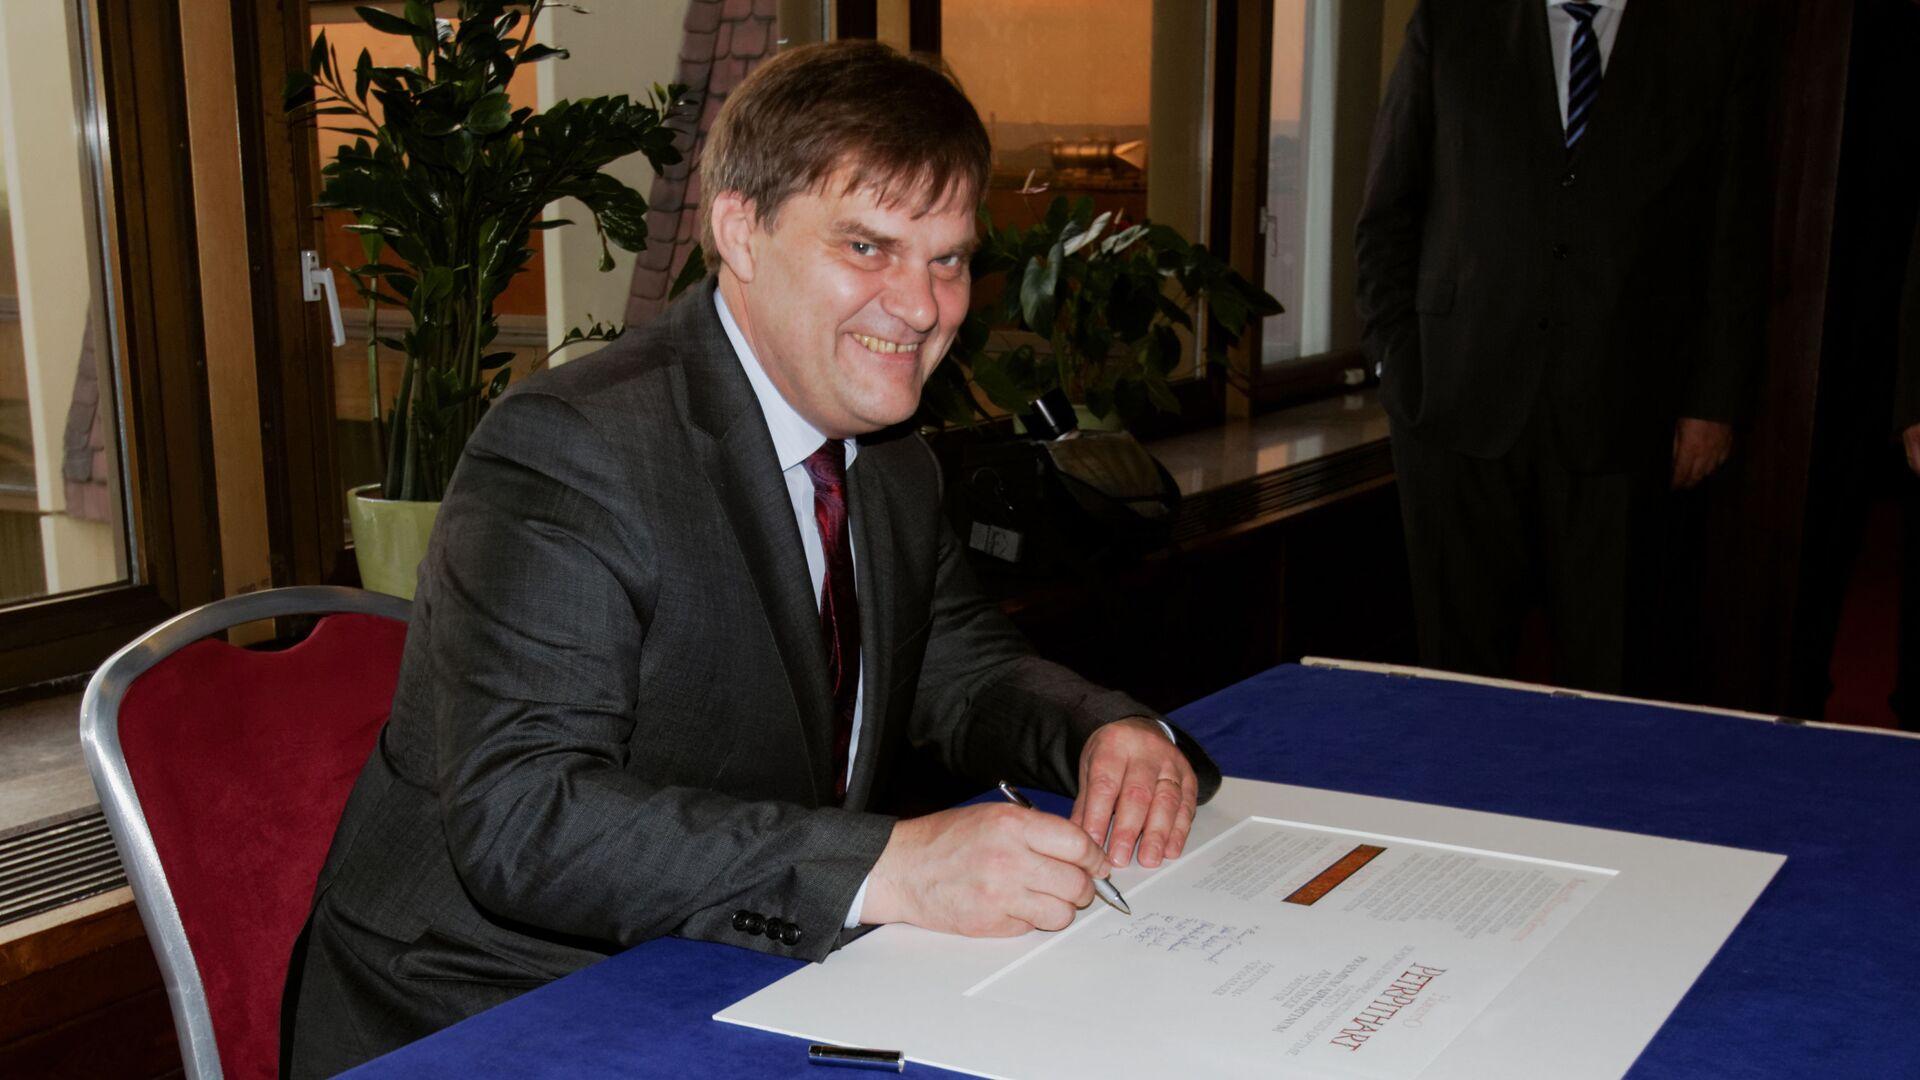 Bývalý velvyslanec v Německu Rudolf Jindrák. Zmocněnec pro konzultace s Ruskem - Sputnik Česká republika, 1920, 01.09.2021